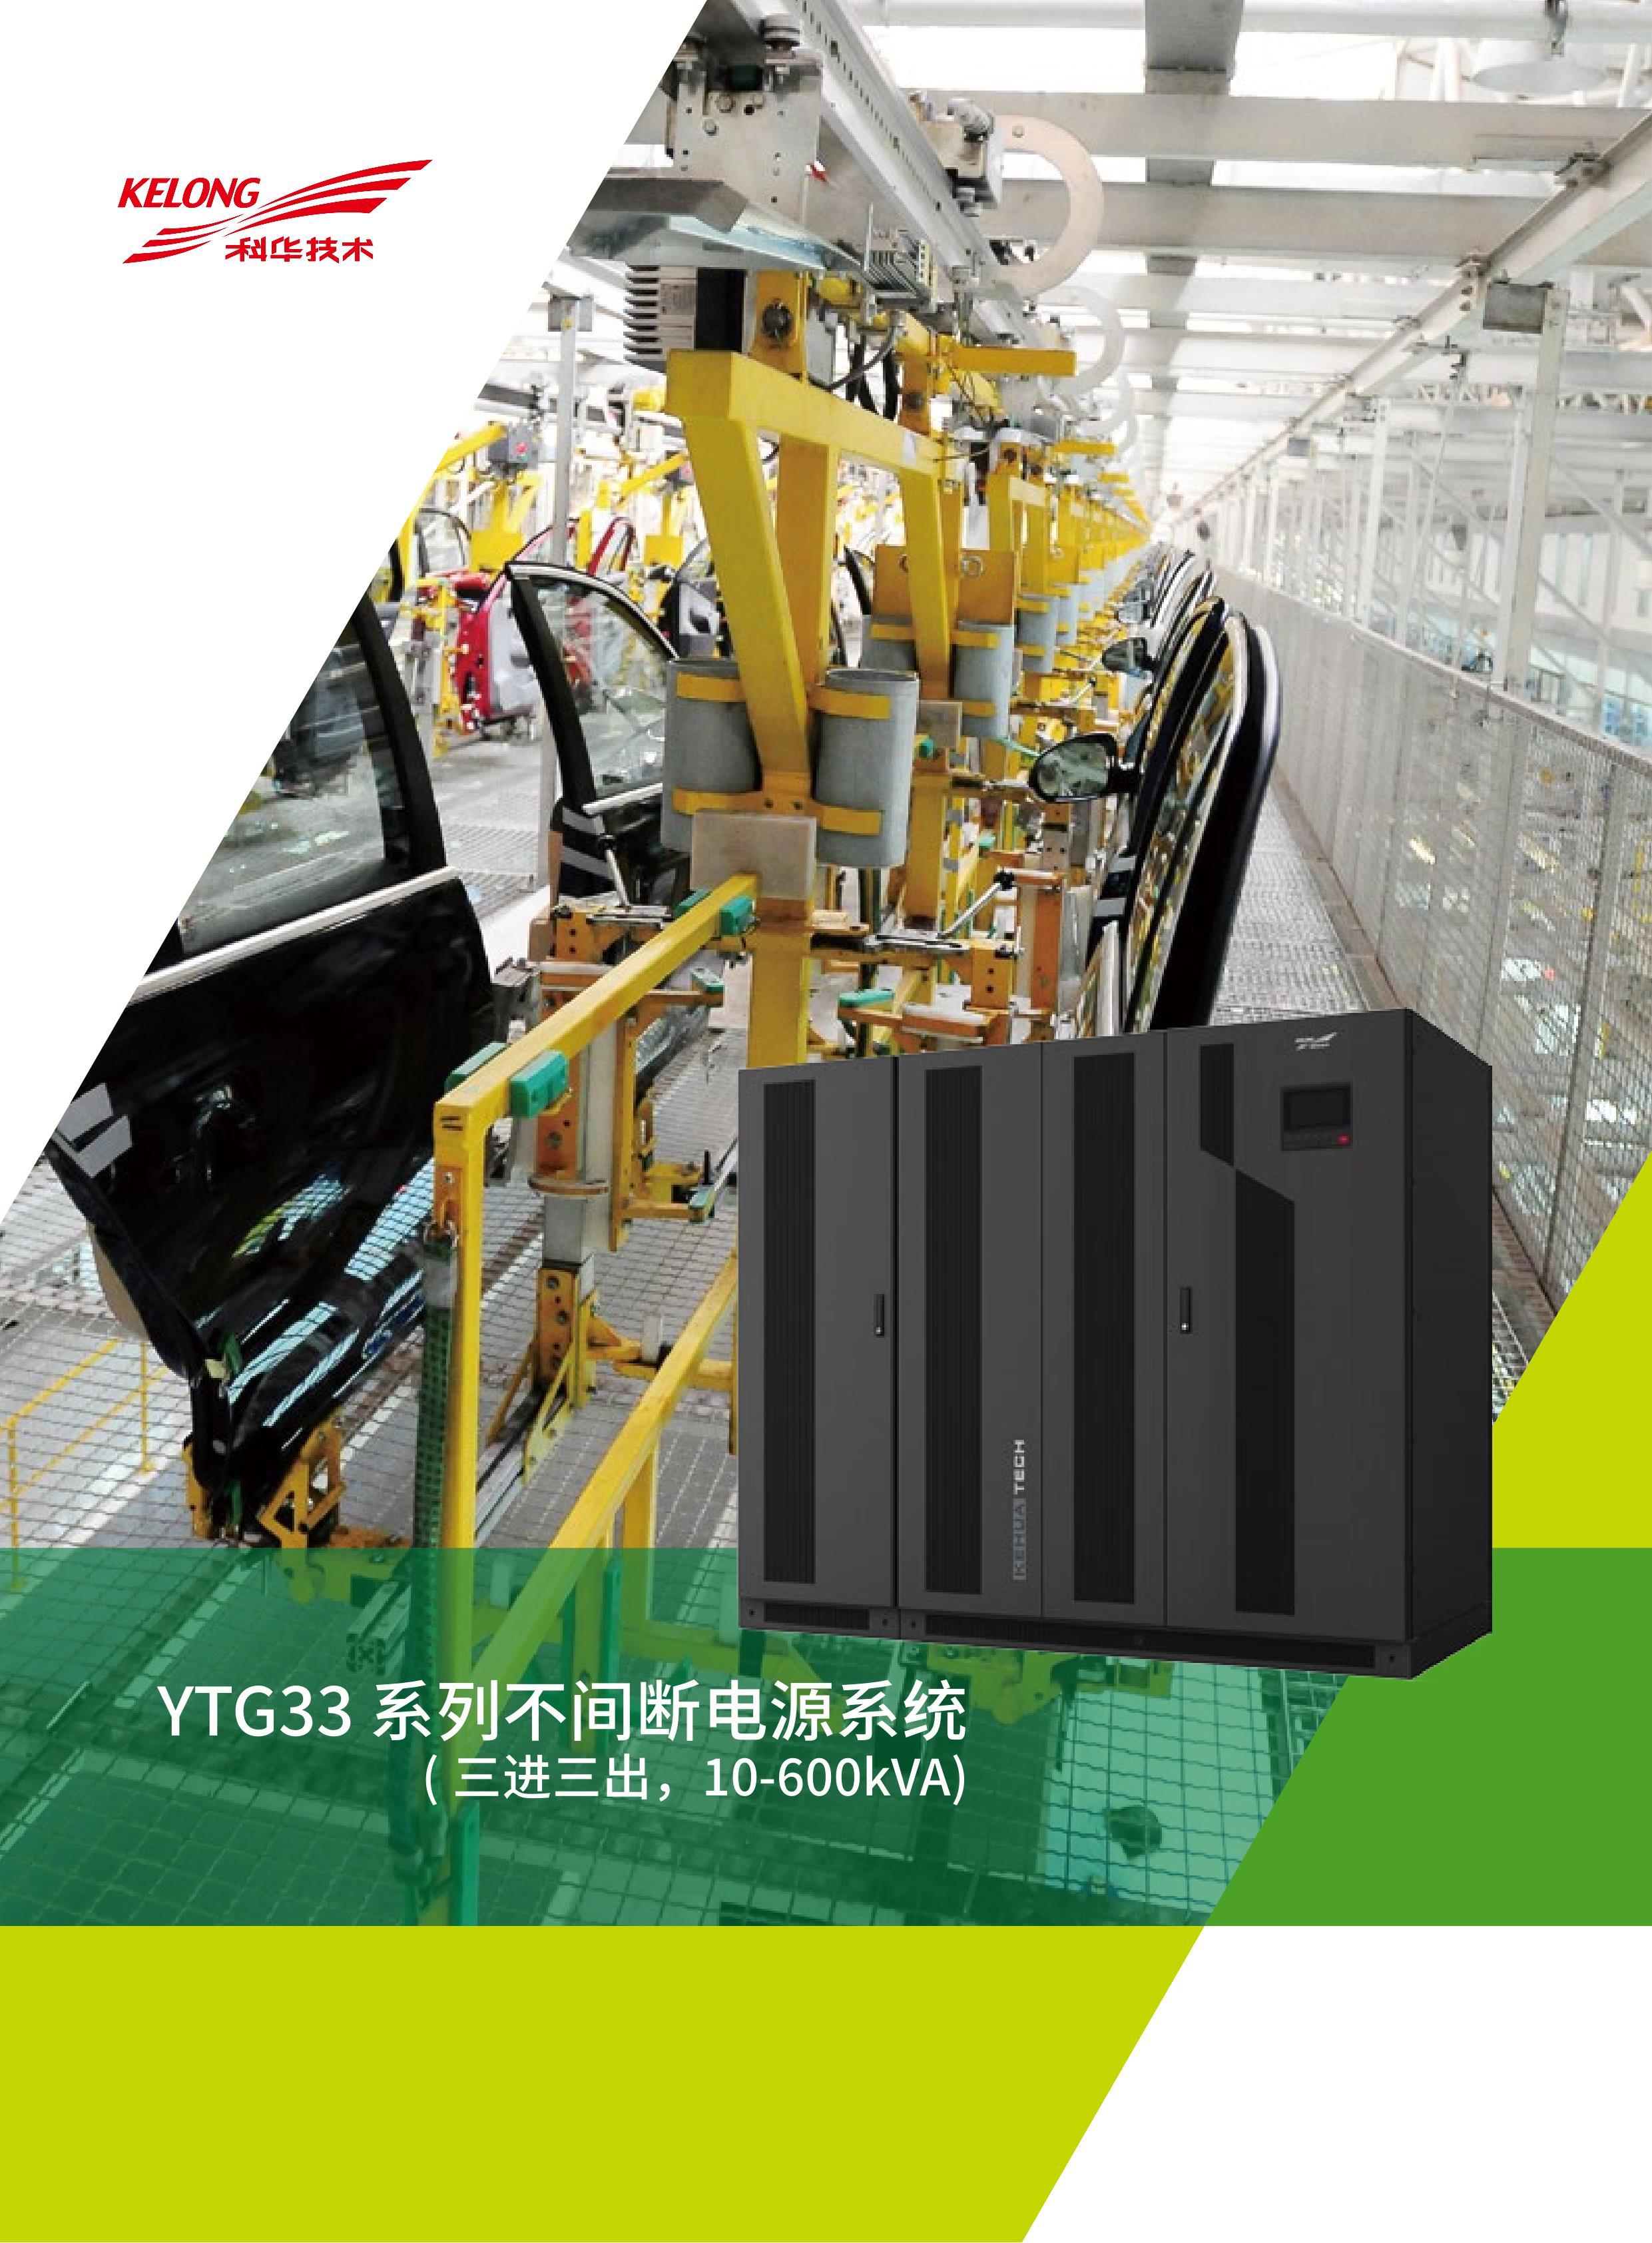 科华YTG33系列不间断电源系统 (10-600kVA)